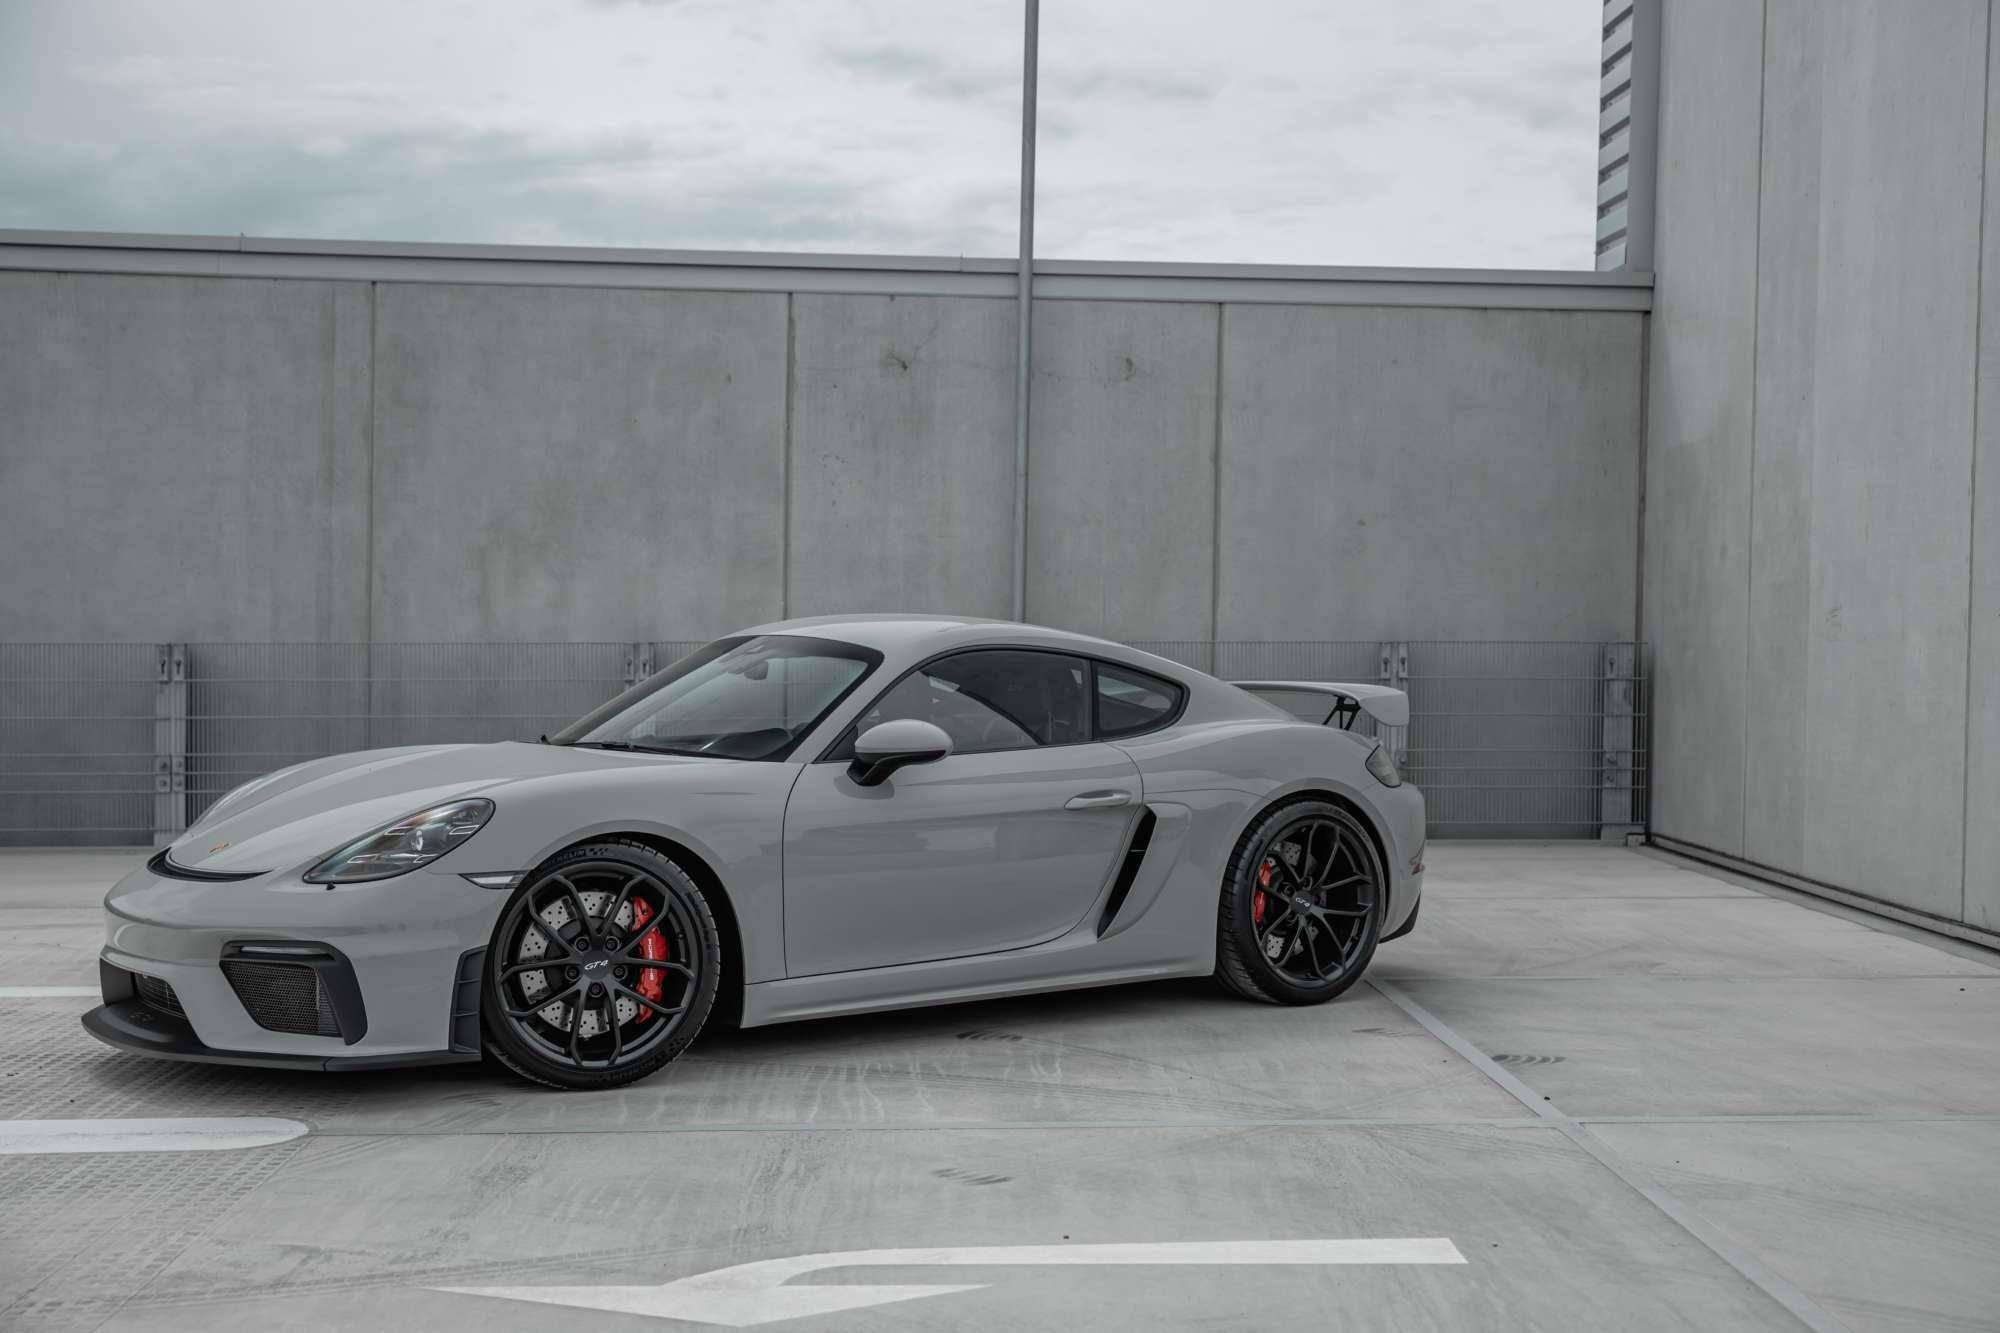 Porsche 718 Cayman Gt4 2020 Elferspot Com Marketplace For Porsche Sports Cars Porsche 718 Porsche Fahrzeuge